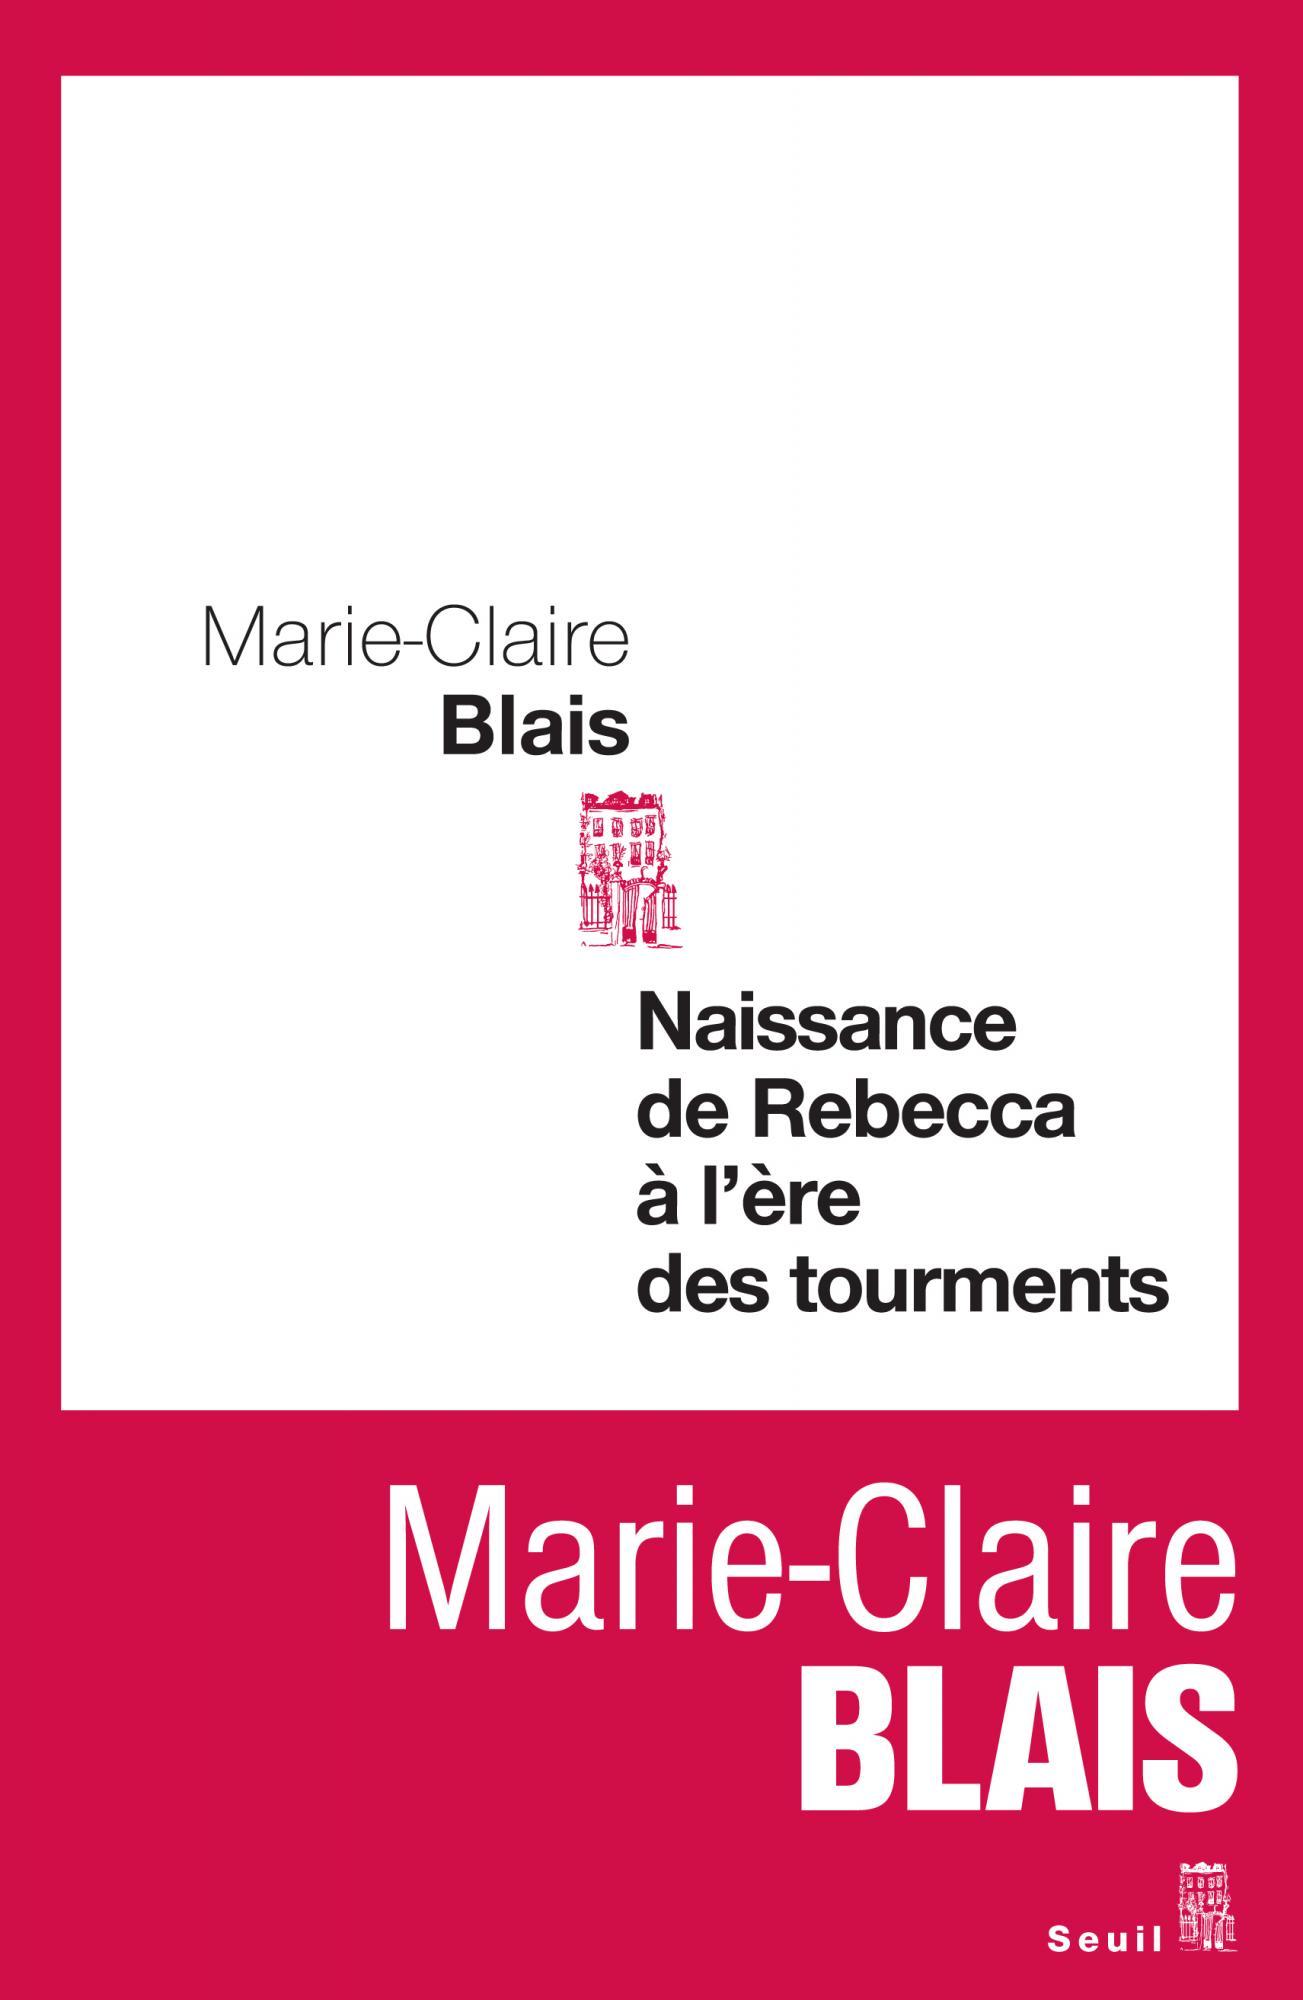 Marie-Claire Blais - Aux Jardins des Acacias